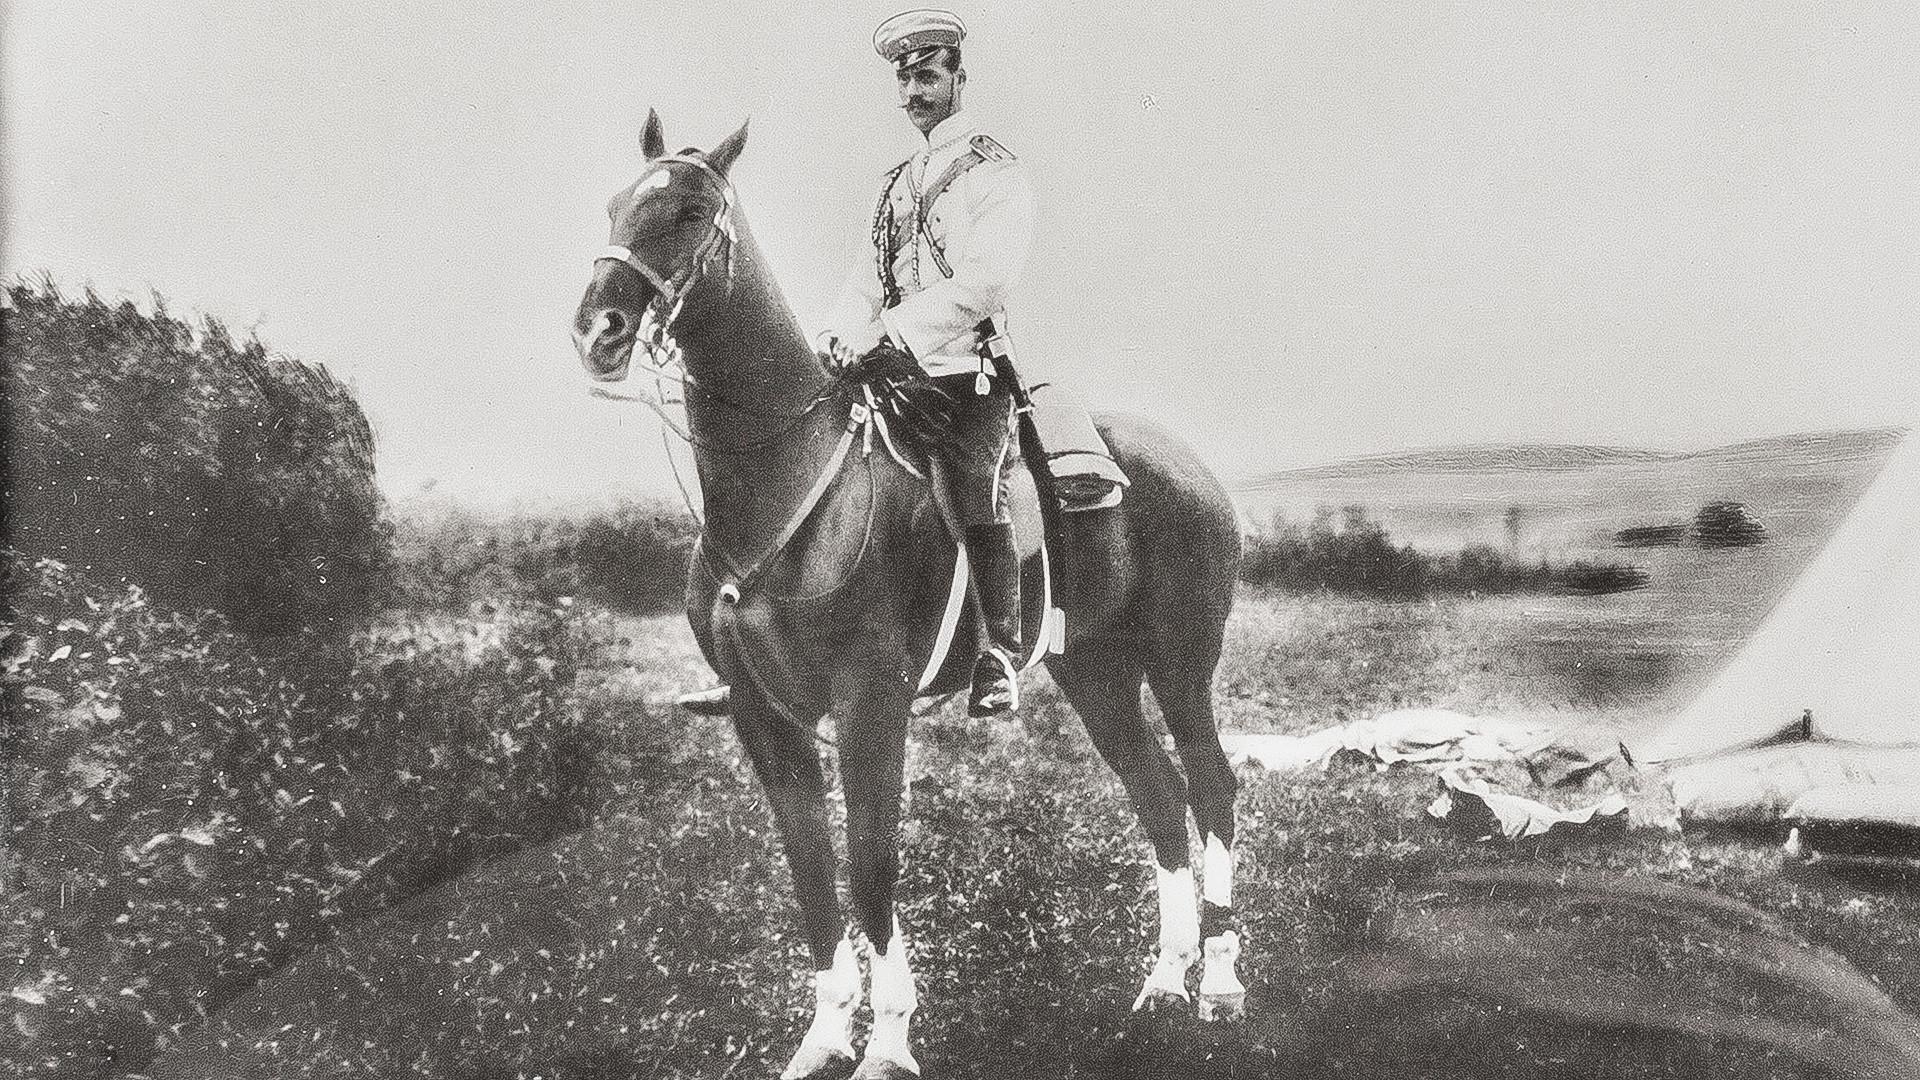 El 15 de marzo de 1917 el Gran Duque Mijaíl Alexándrovich, se convirtió en el zar ruso. Su reinado duró un día.